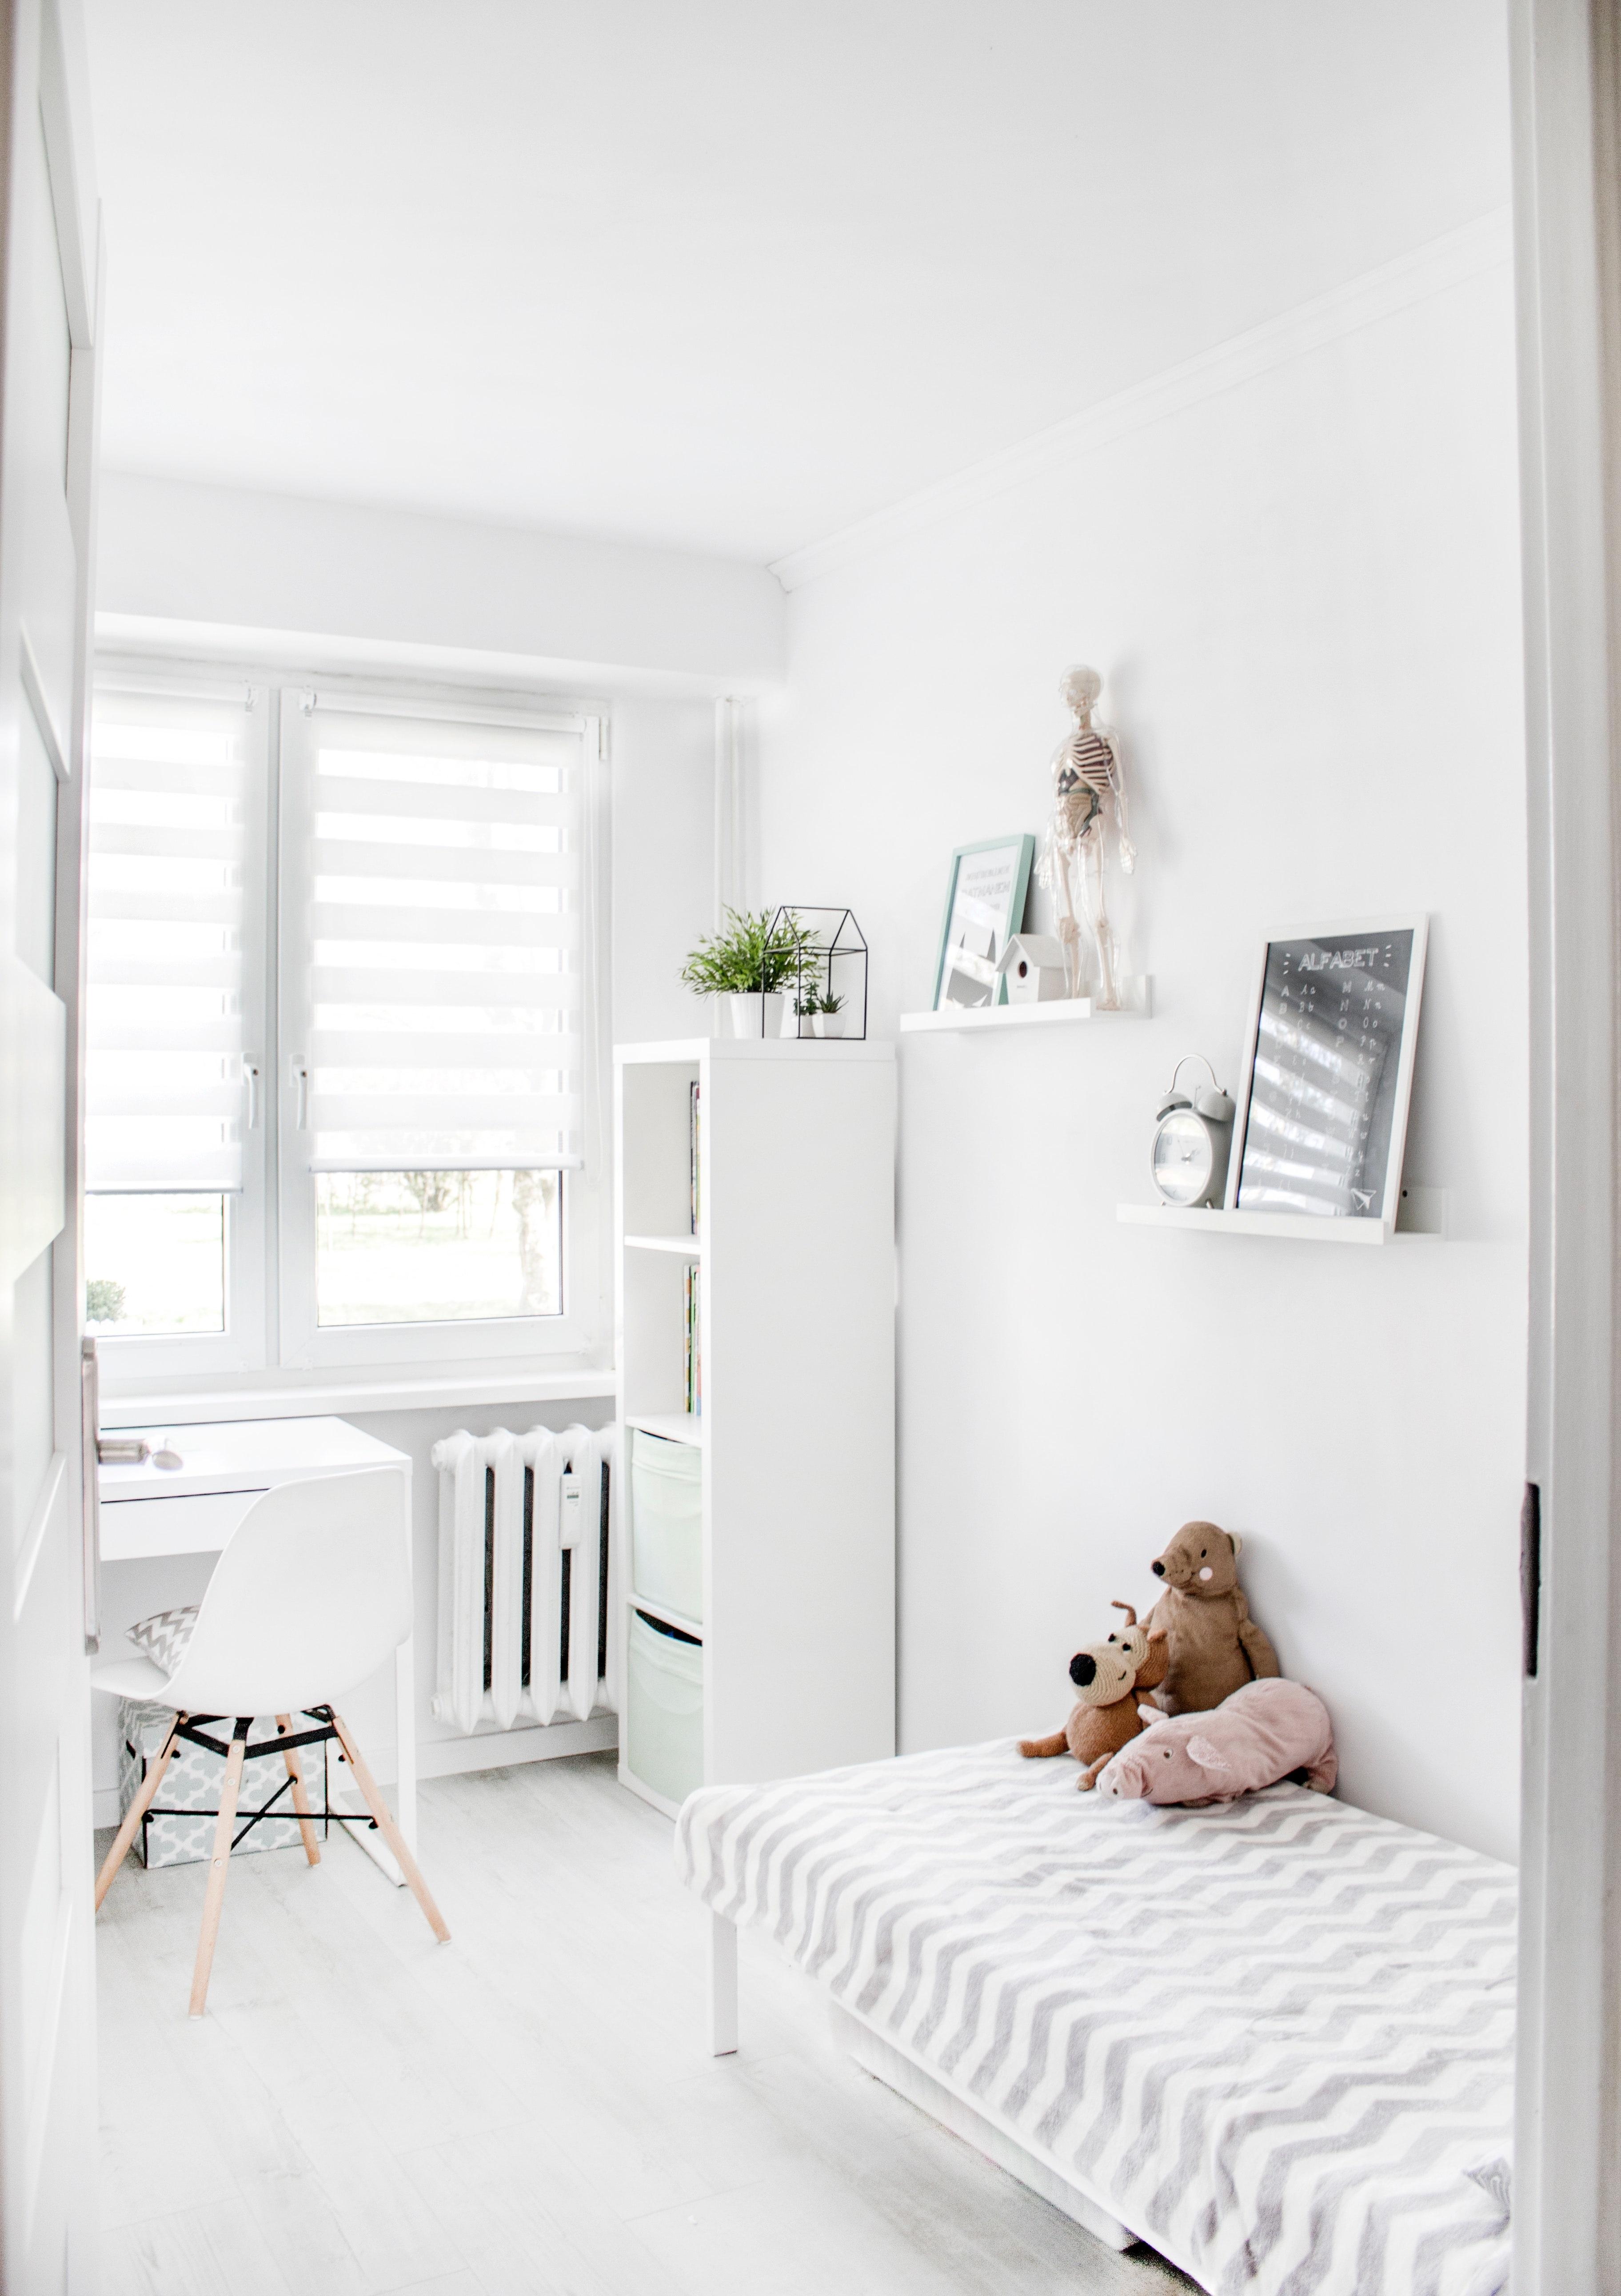 Peuter Groot Bed.Het Meegroeibed Van Peuter Tot Puber Het Perfecte Bed Tipsvoormama Nl